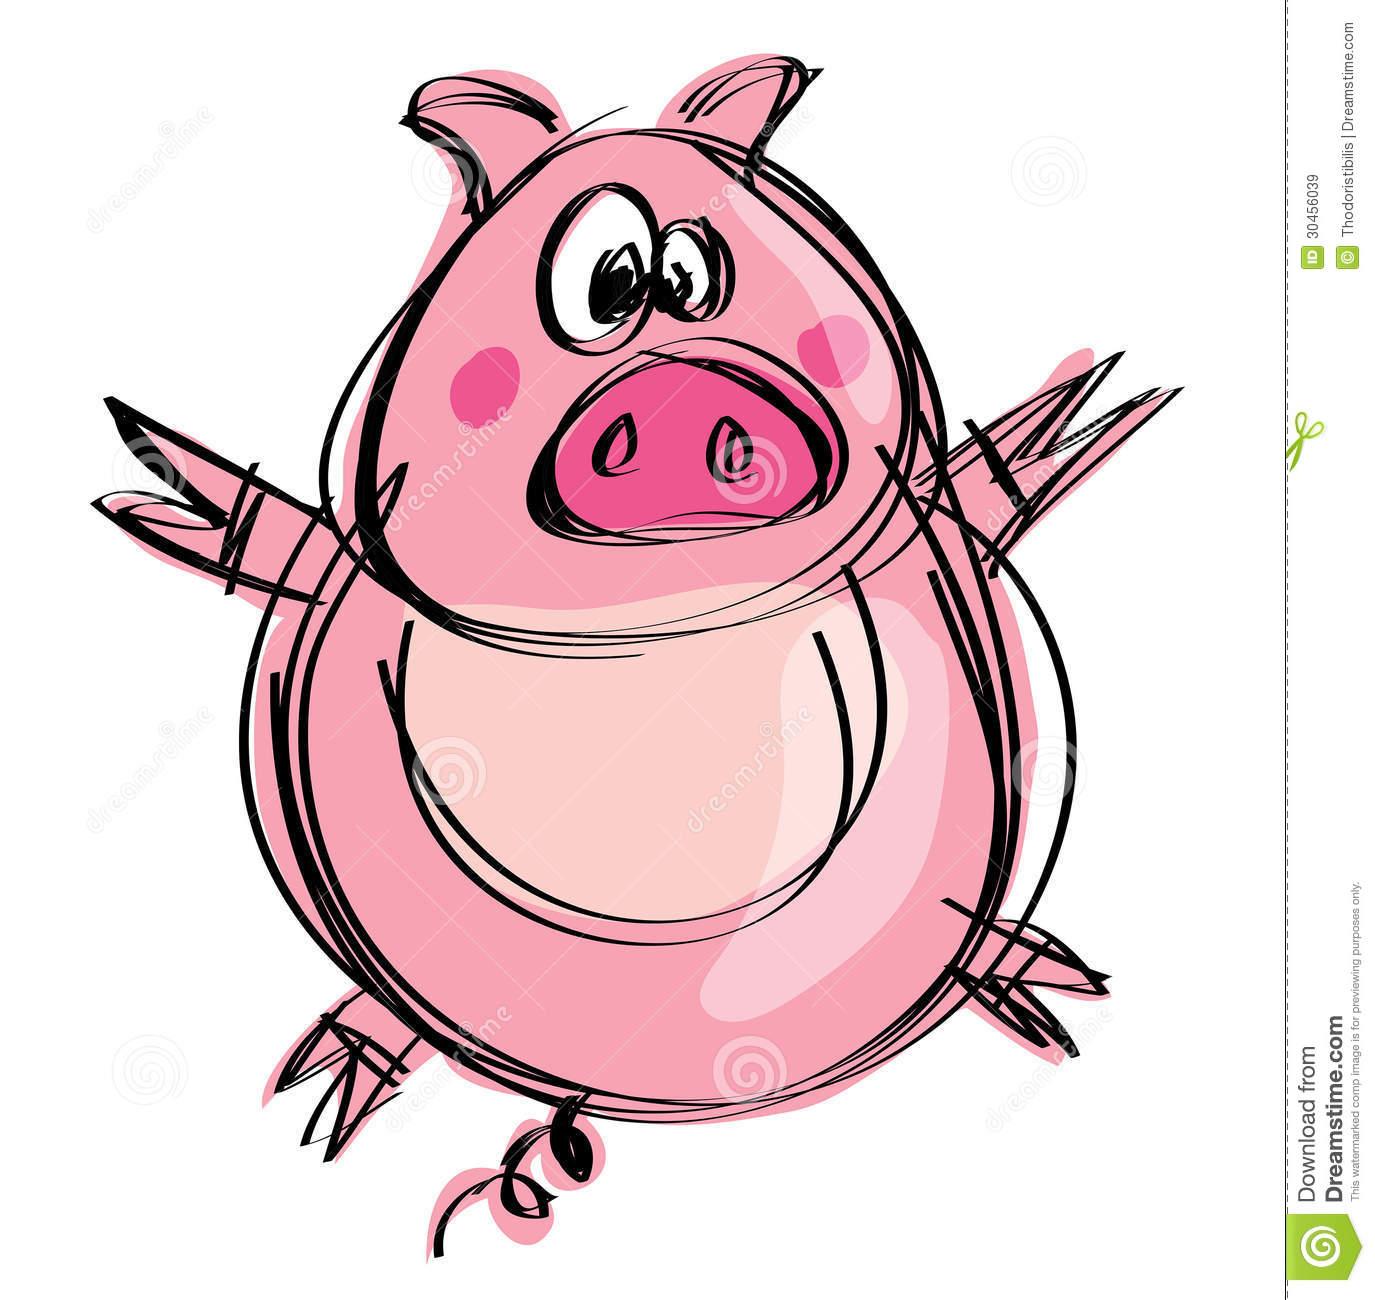 Cartoon Naif Baby Pig In A Naif Childish Drawing Style Stock